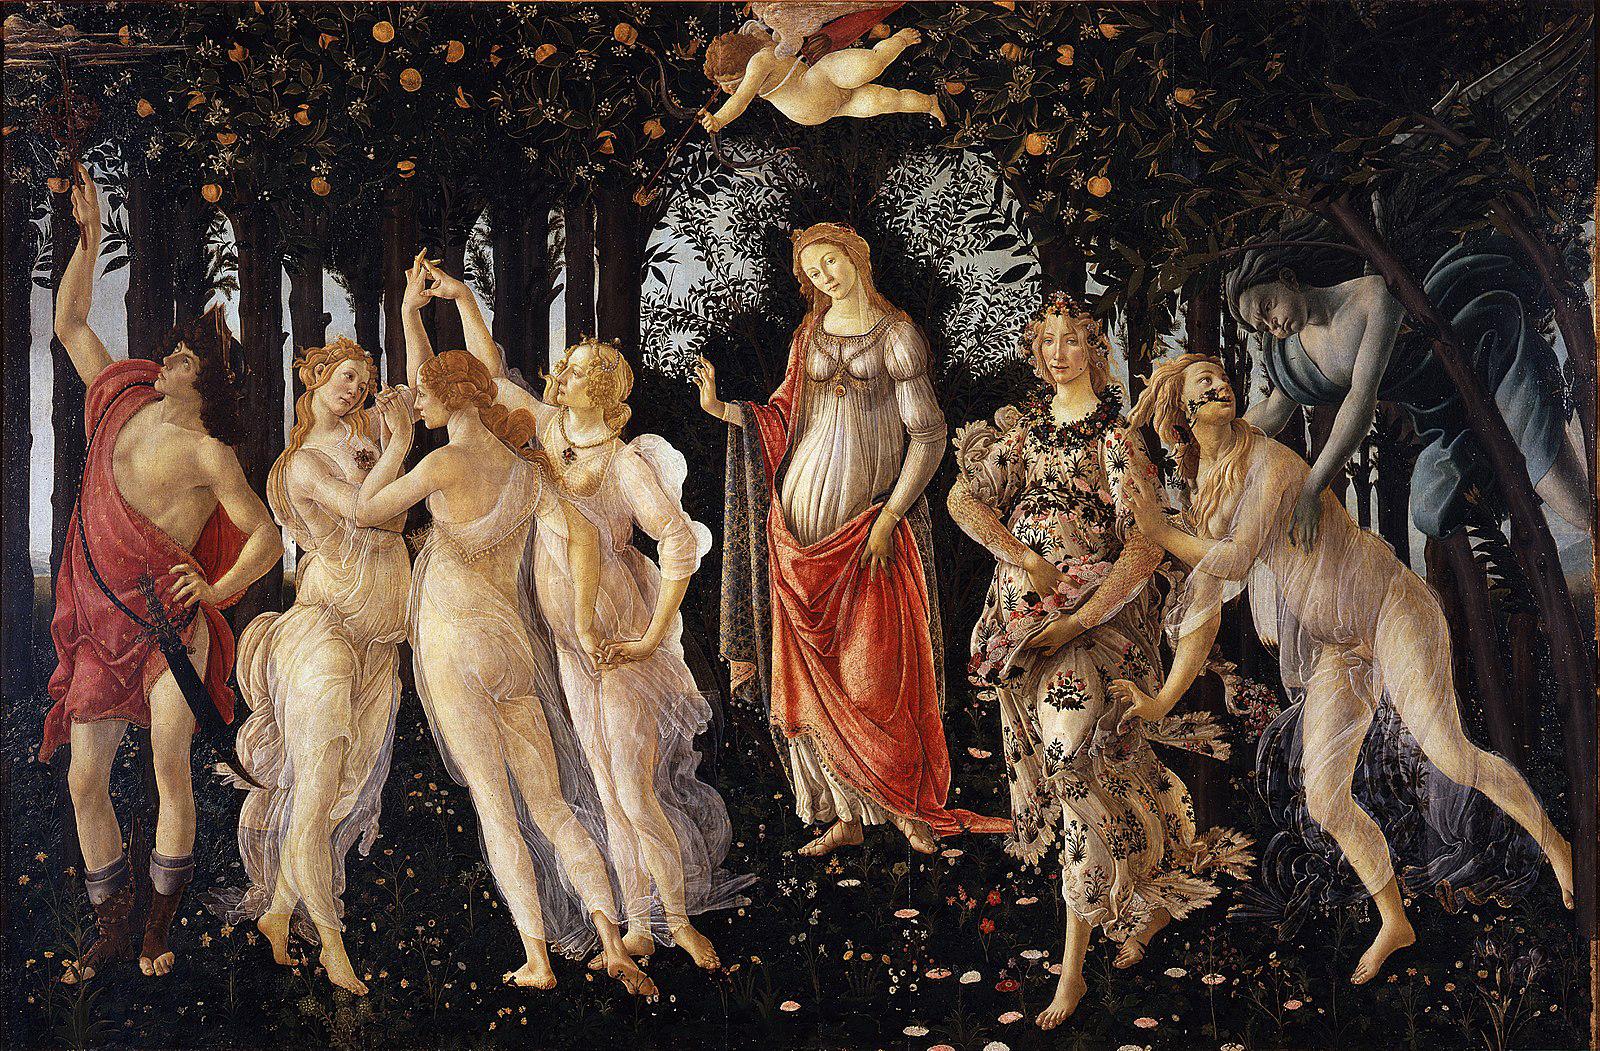 1600px-Botticelli-primavera-original